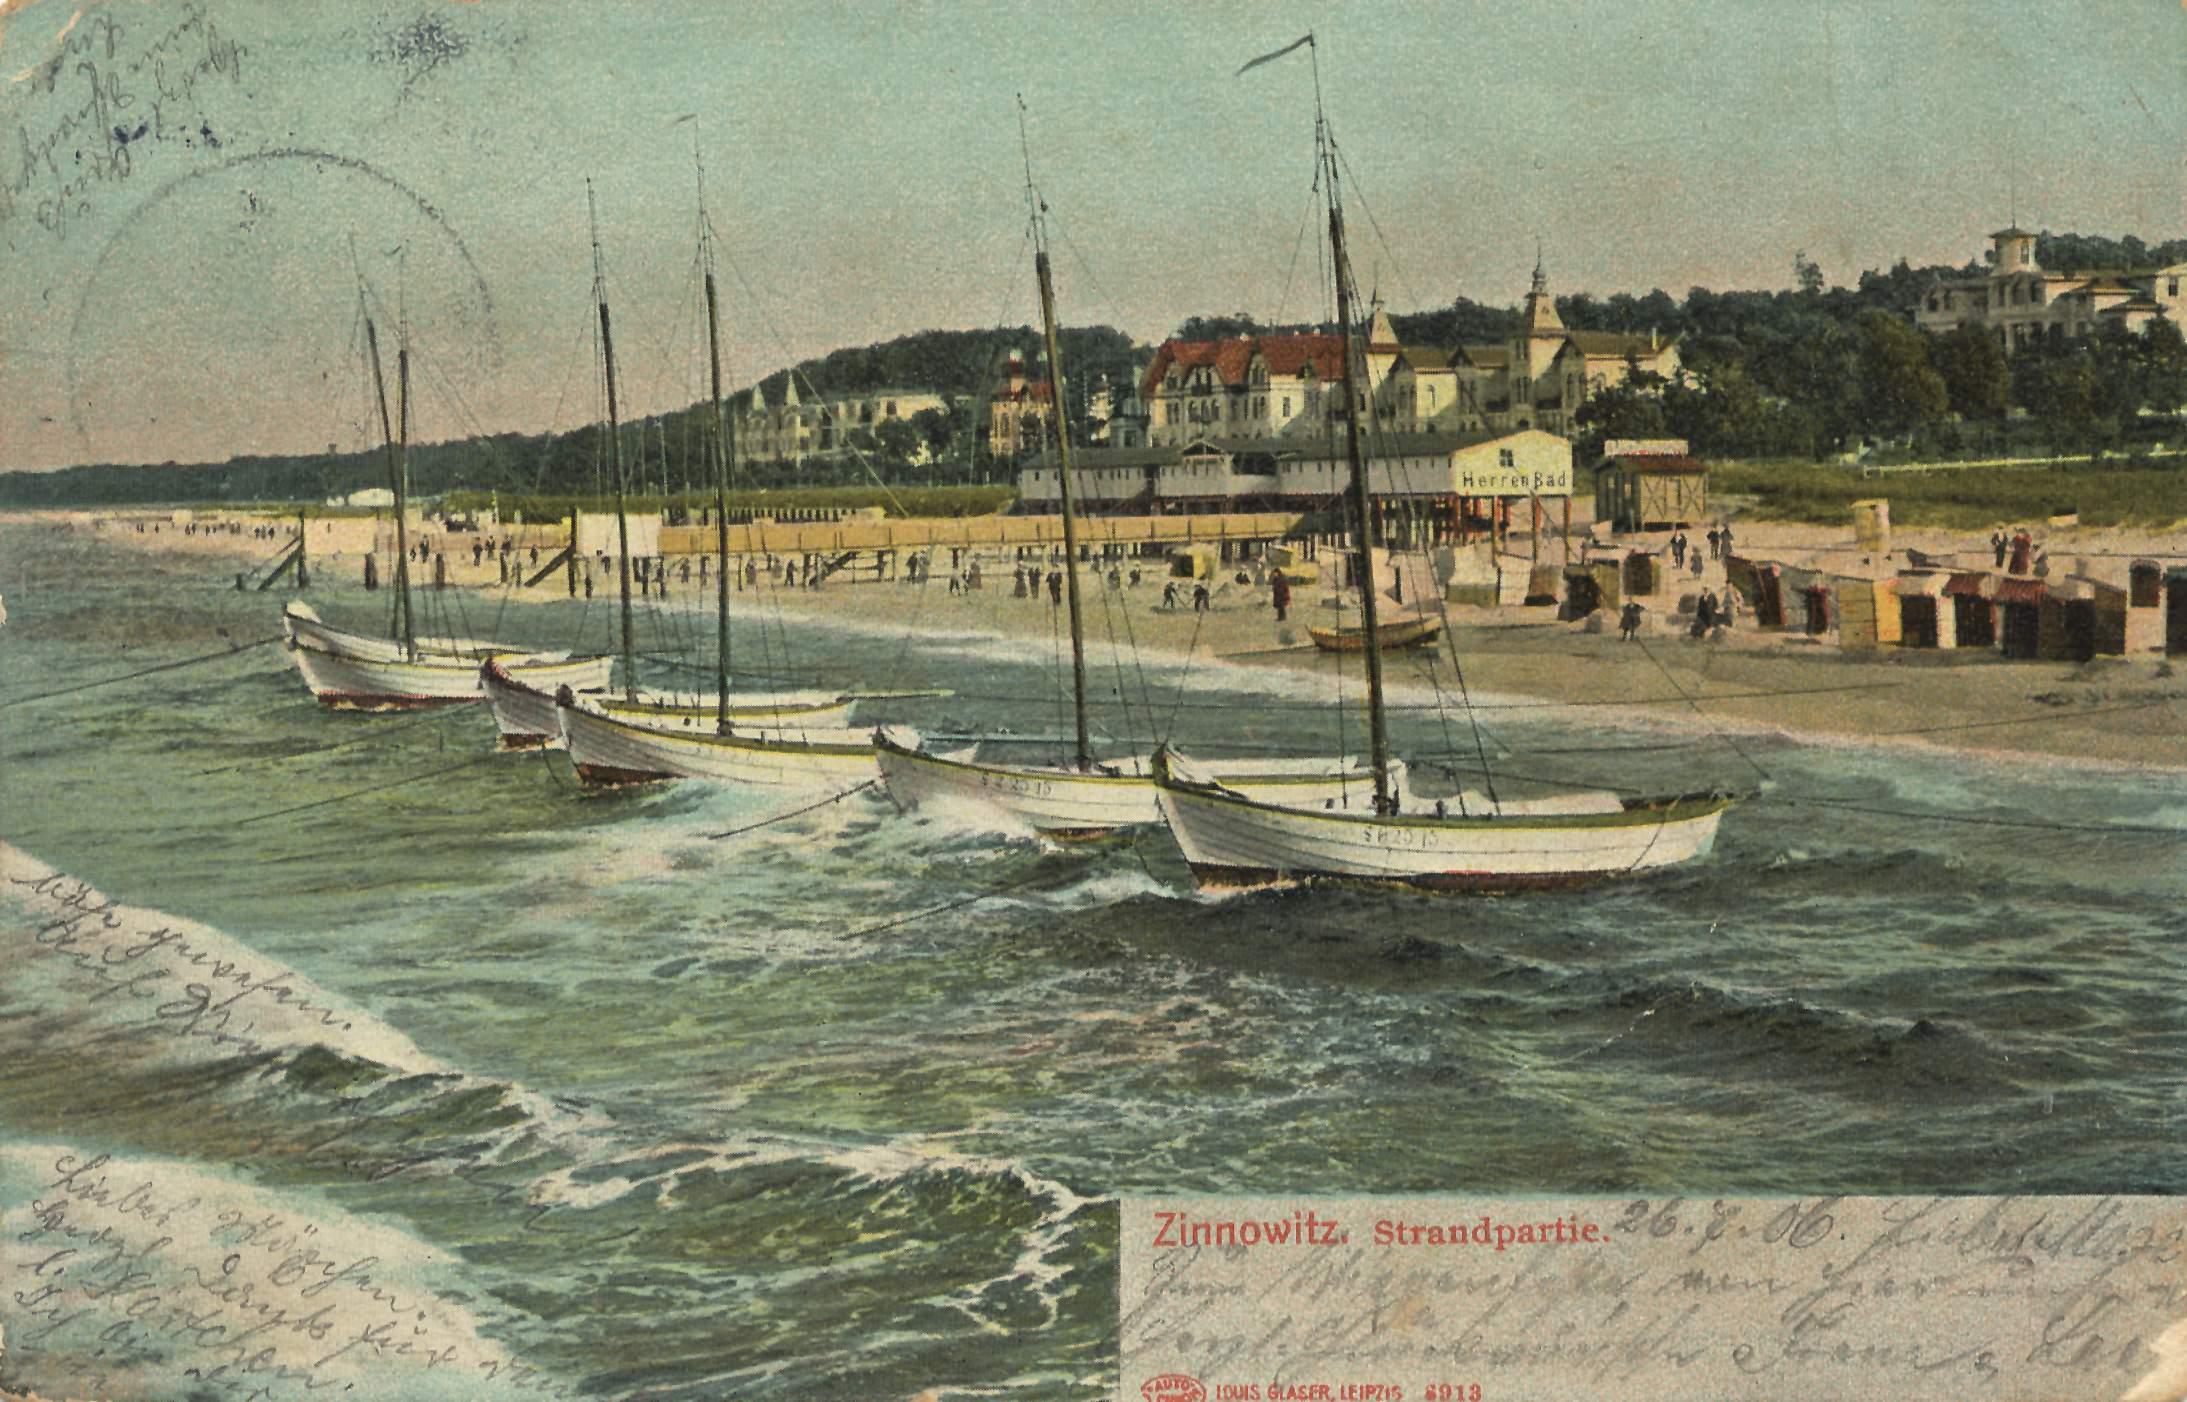 Postkarte von 1906: Zinnowitz, Strandpartie